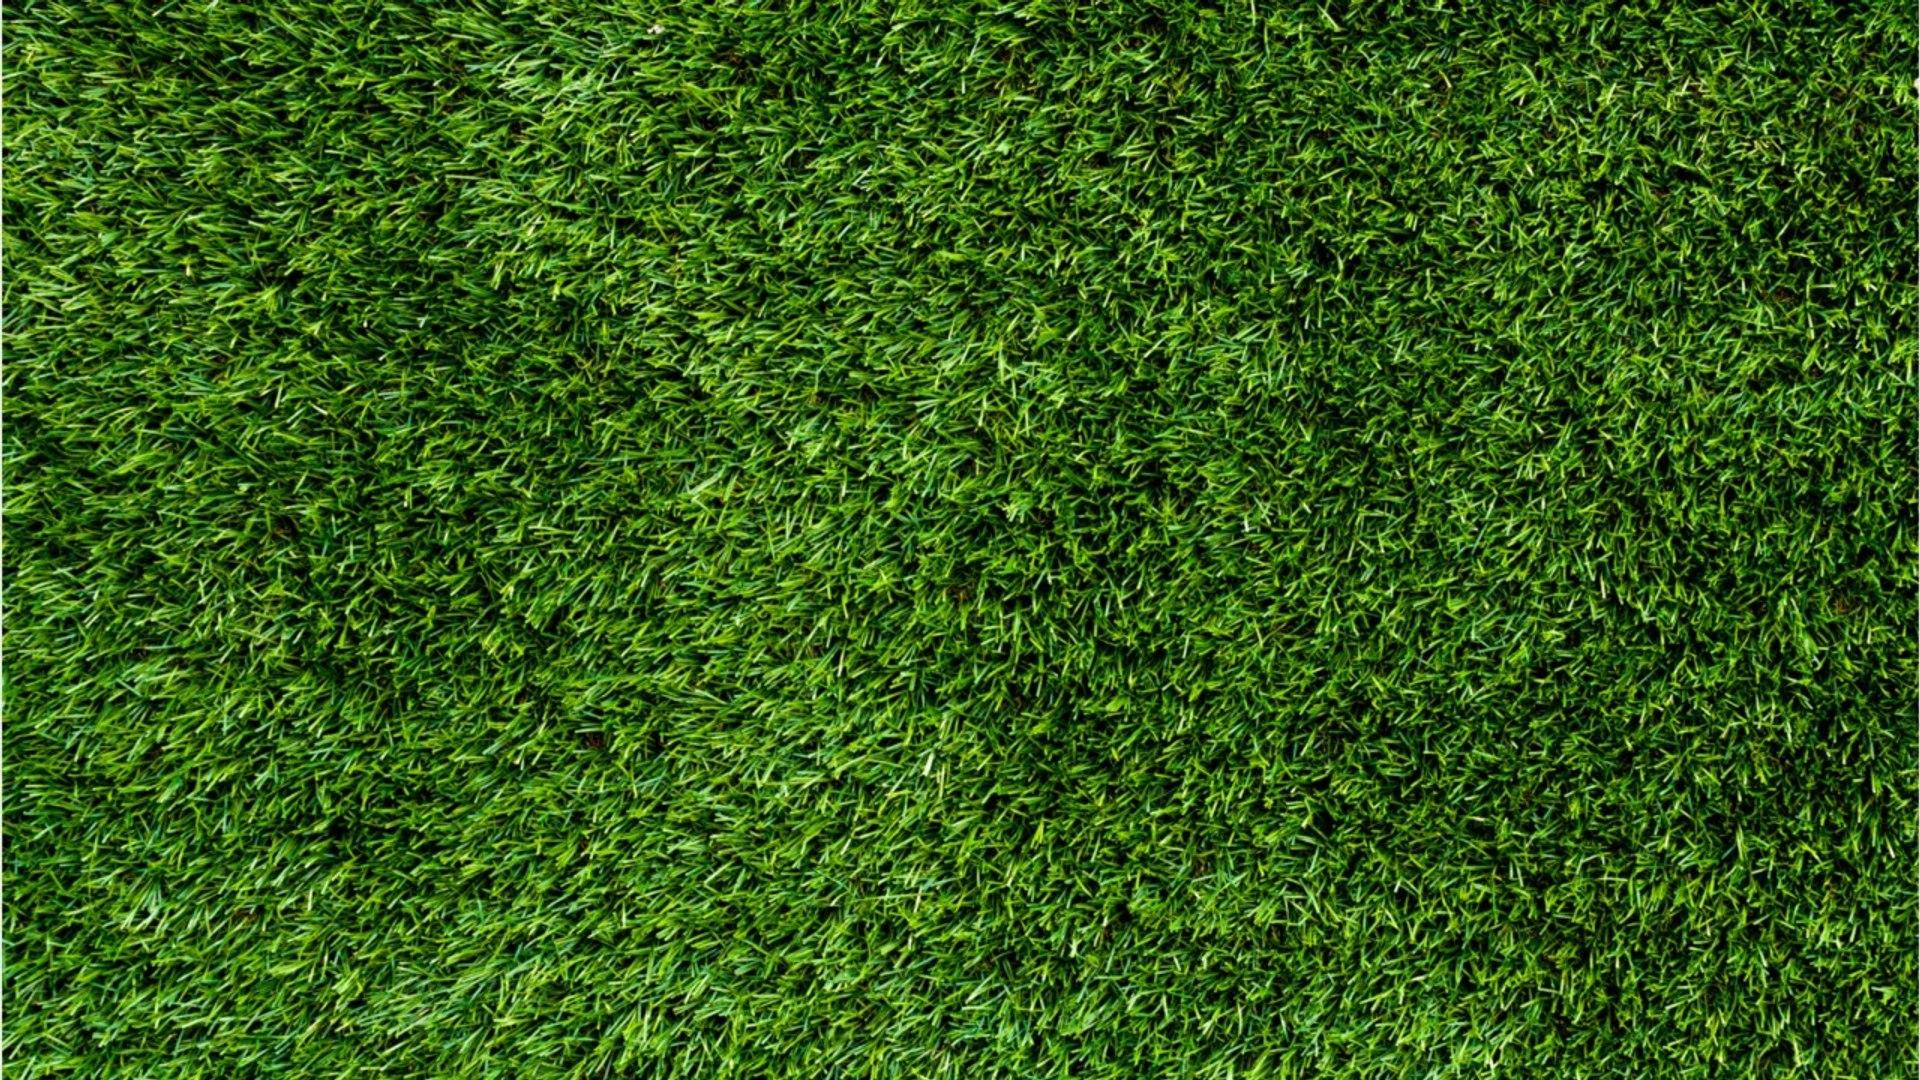 Vos Questions Jardin Comment Combler Les Trous Dans Un Gazon Fraîchement Semé